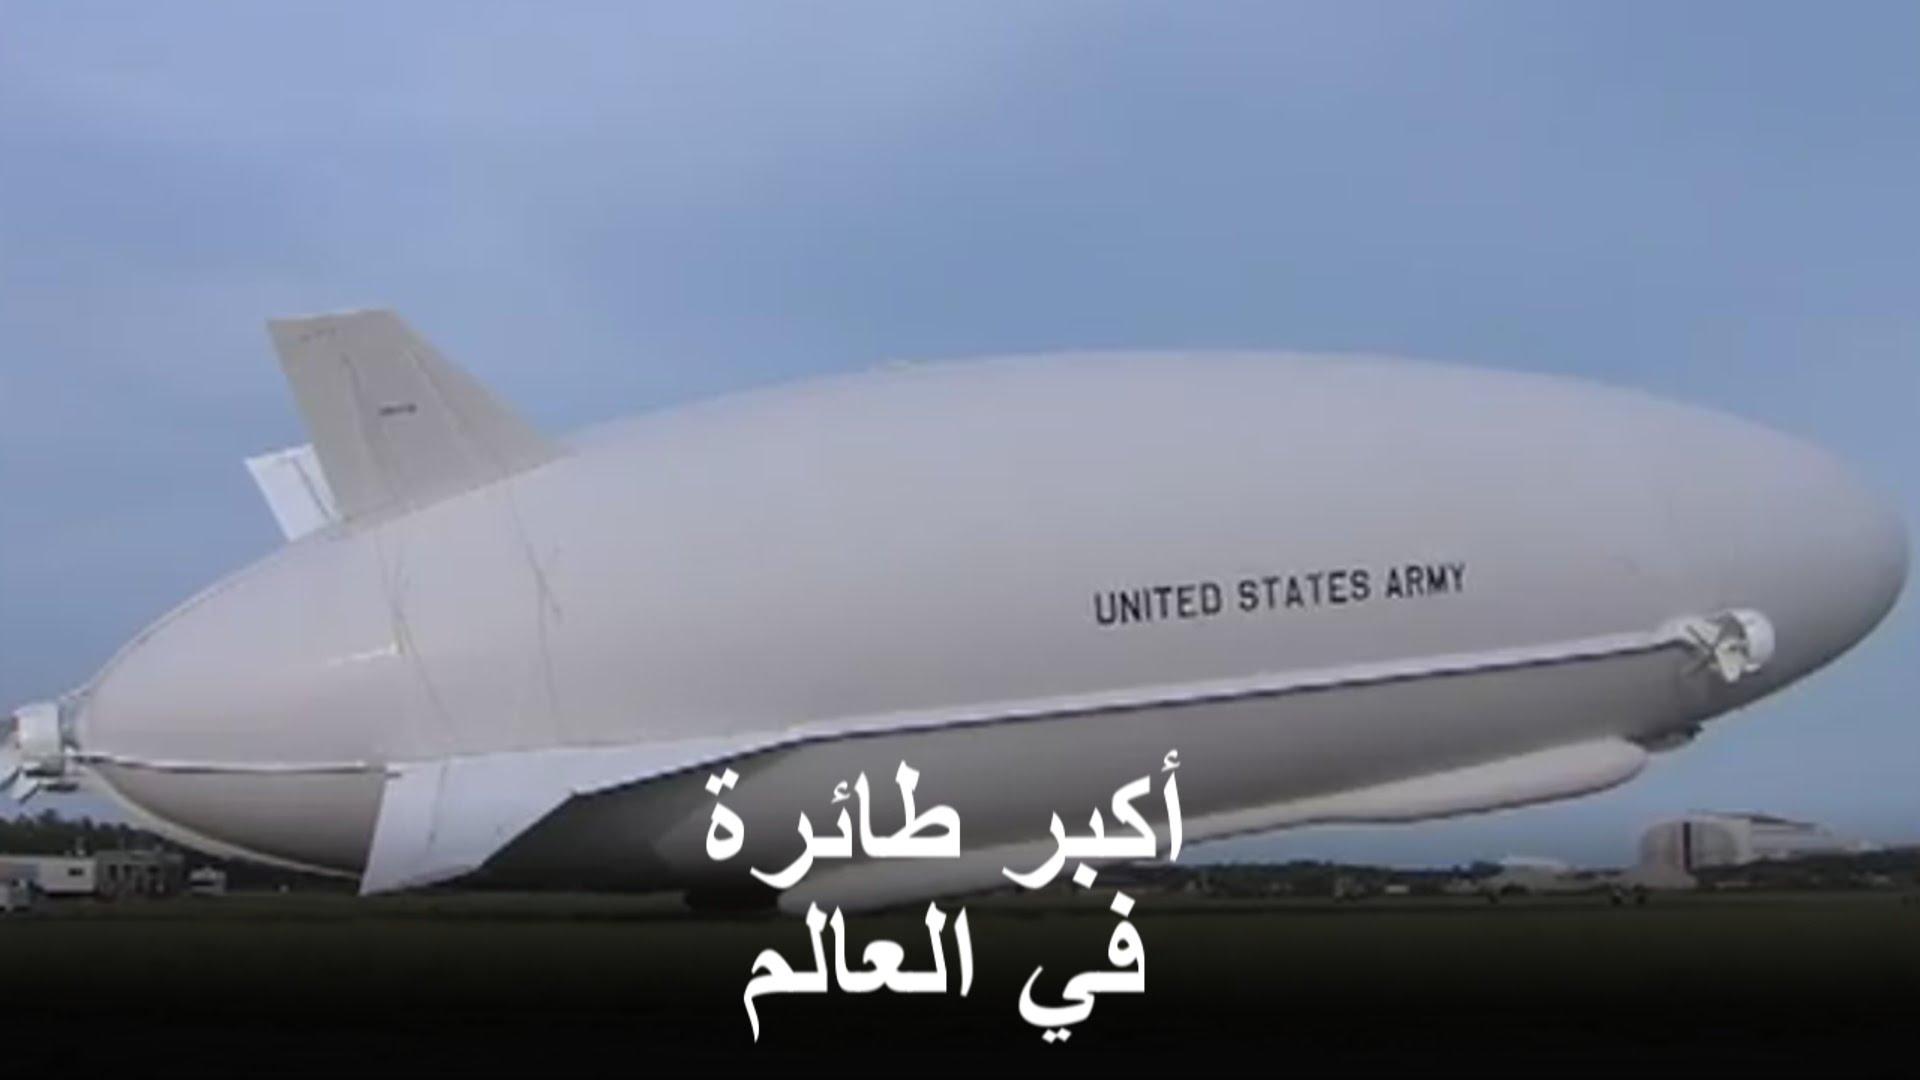 بالصور اكبر طائرة في العالم , صور لاكبر طيارة بالعالم 4879 2